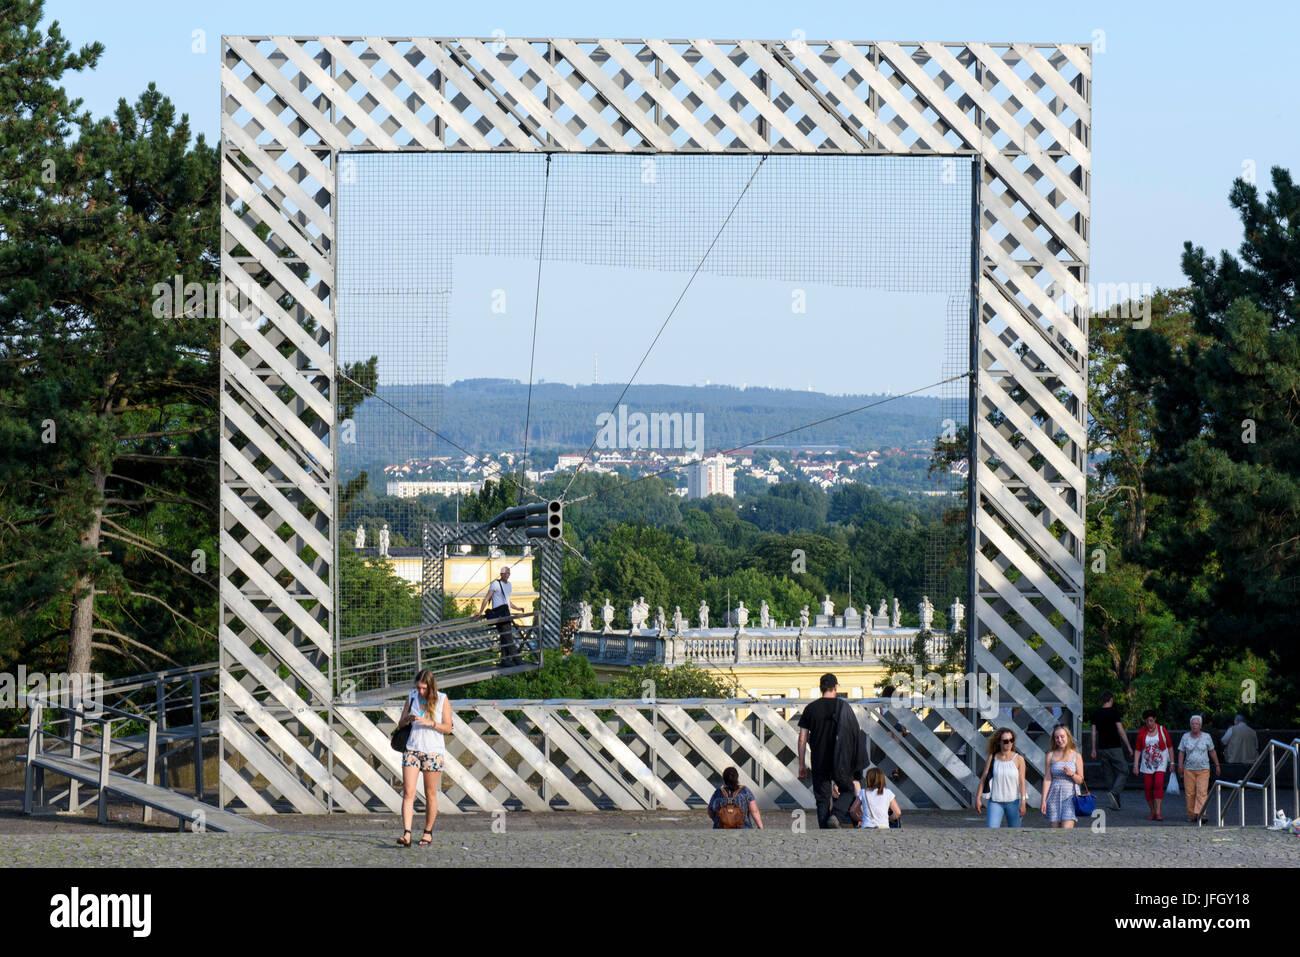 Wasserkaskaden Kassel kassel documenta city stockfotos kassel documenta city bilder alamy